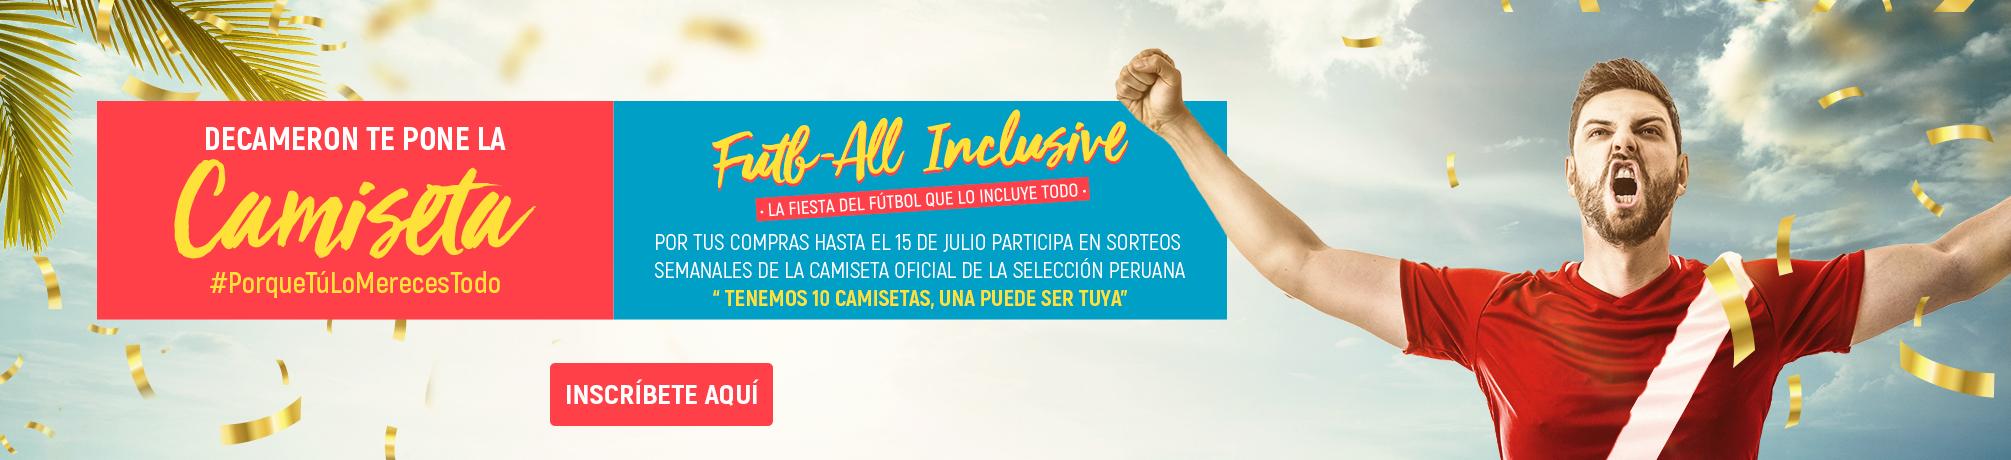 Fut-All Inclusive